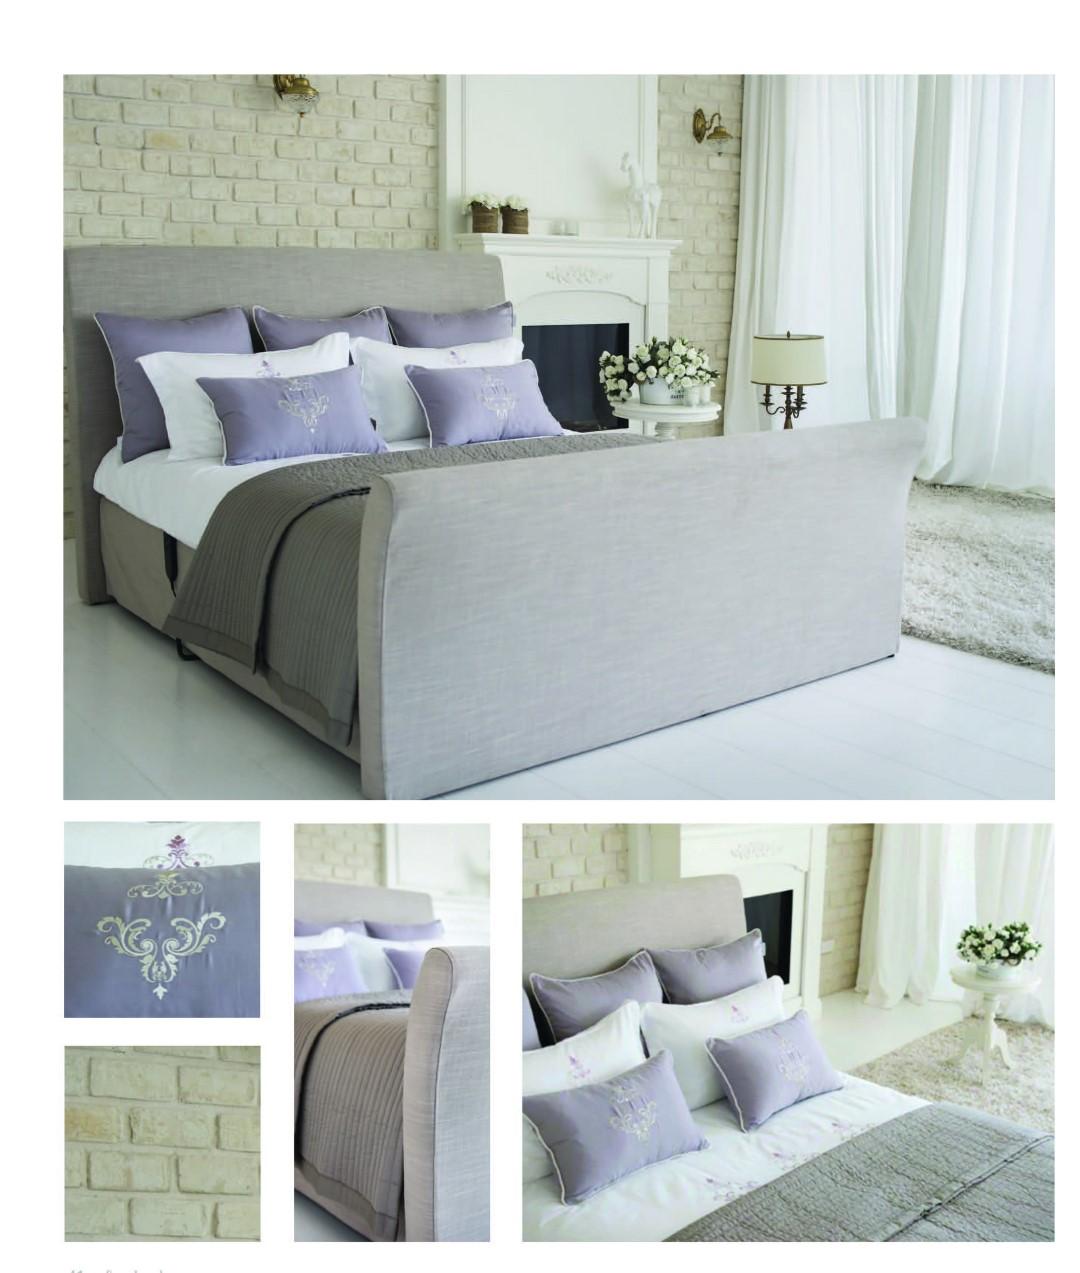 חדרי שינה מעוצבים באווירת החג של רשת עמינח ()